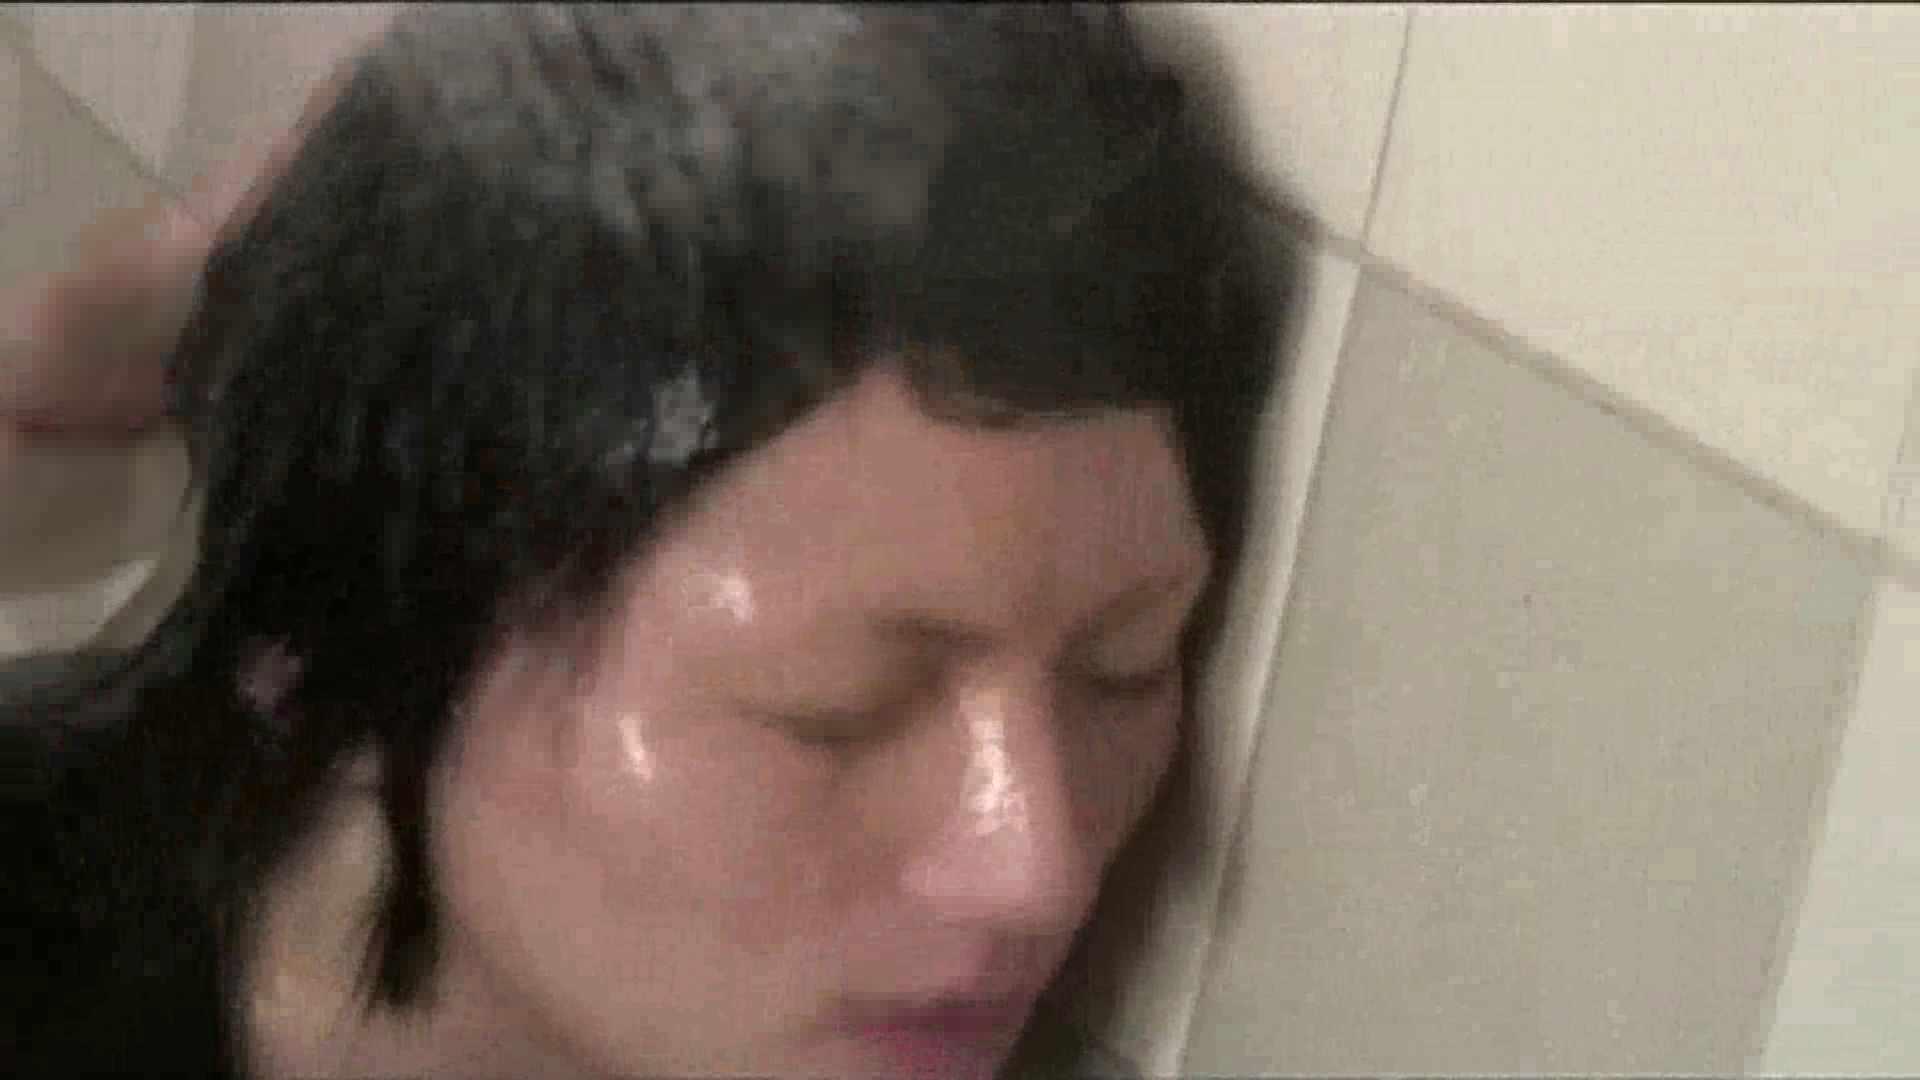 ドSな男!水責め 入浴・シャワー | ドラマ  54pic 19